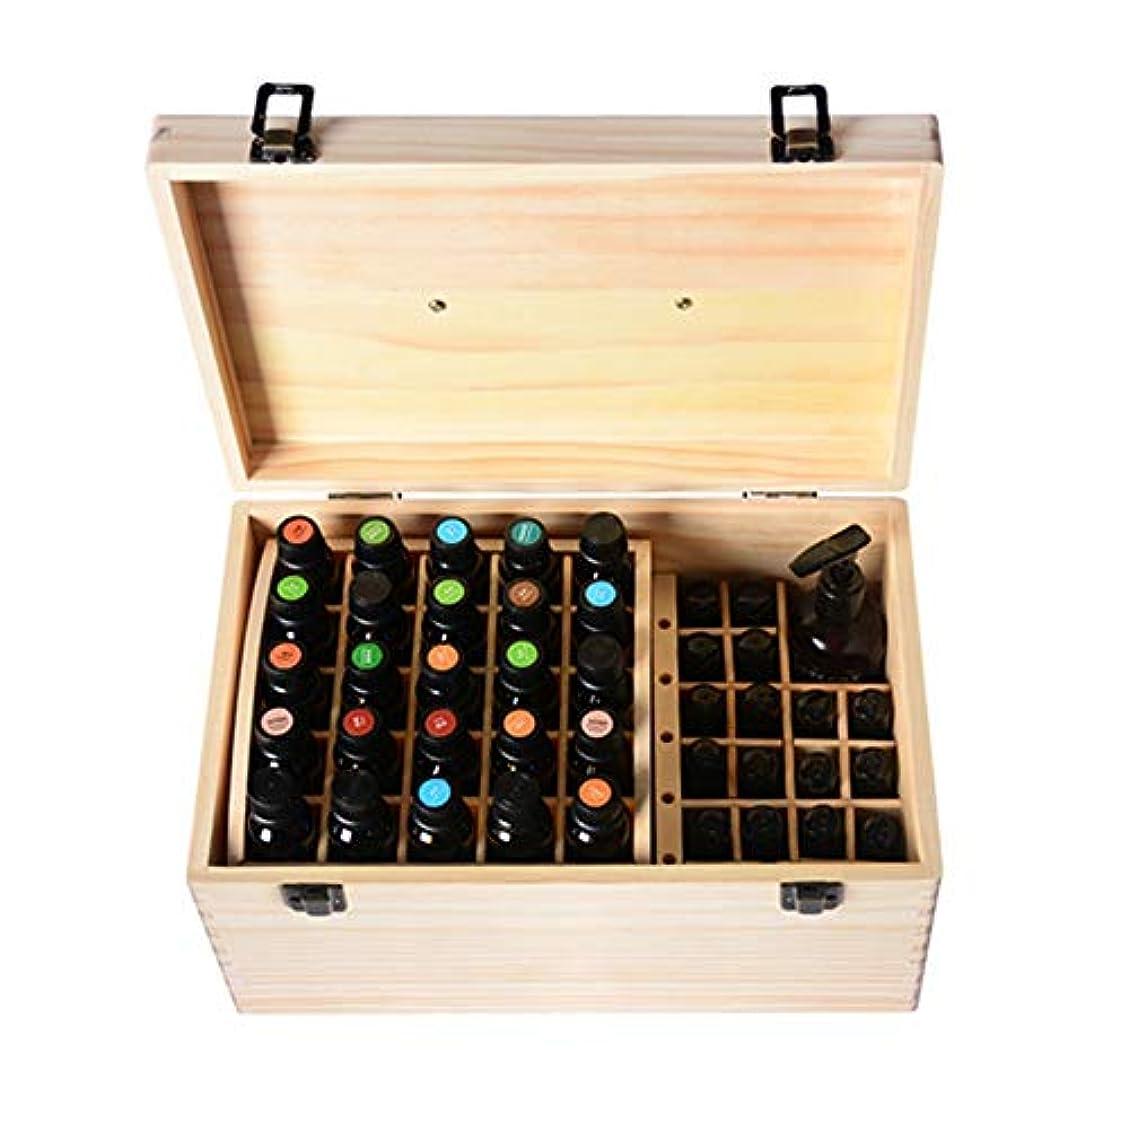 処方マガジン楽なエッセンシャルオイルボックス リムーバブル、15/10ミリリットルボトルの天然パインウッドスロット74オイルタンク収納ボックス アロマセラピー収納ボックス (色 : Natural, サイズ : 35X20X16.5CM)